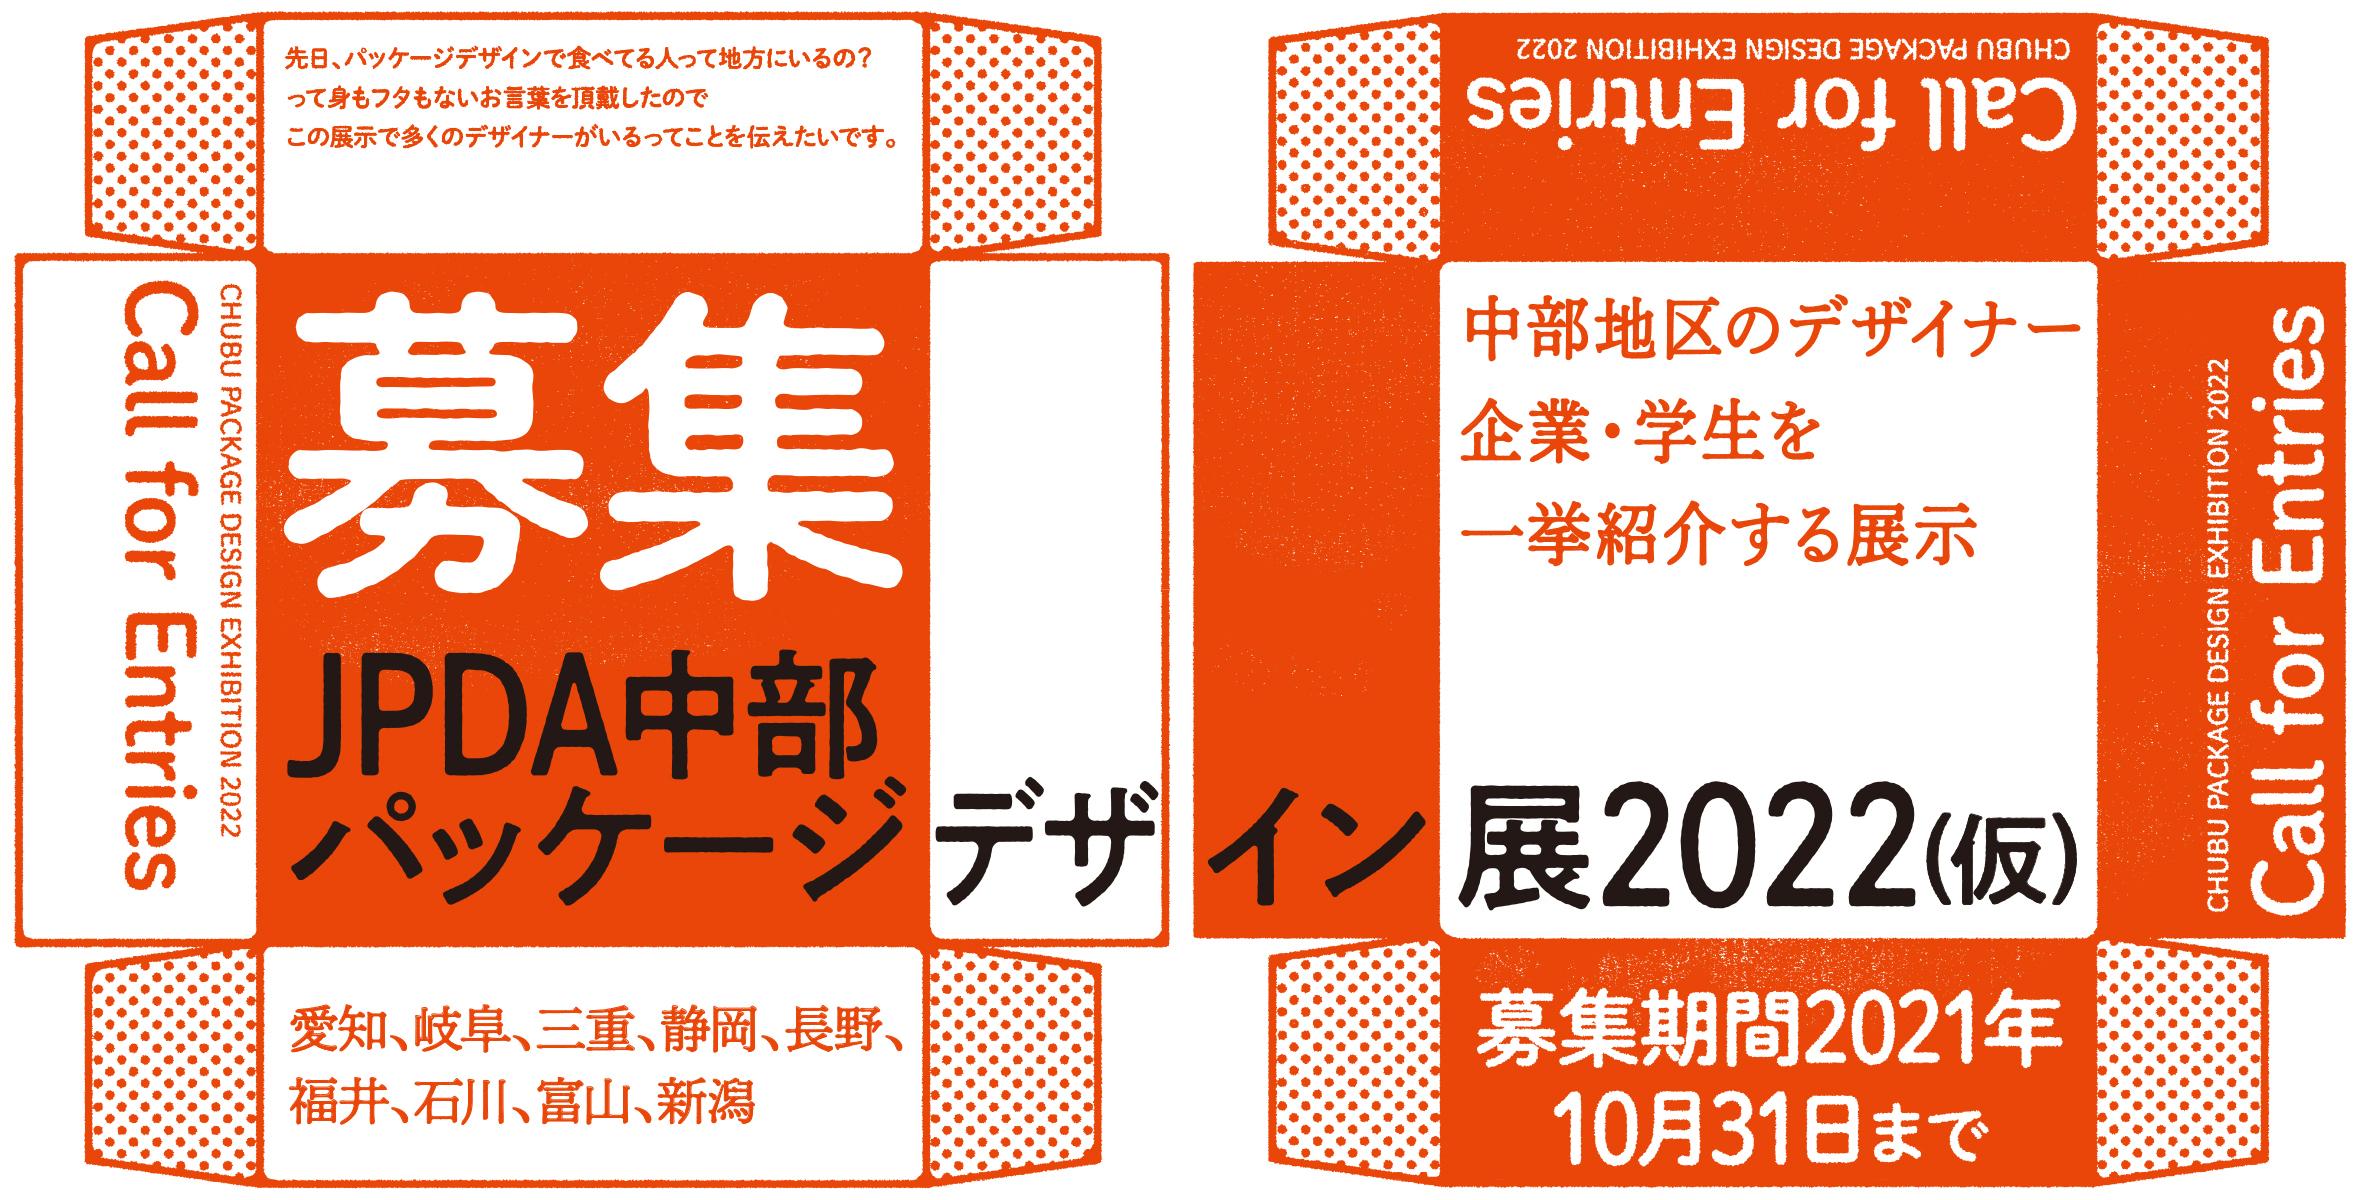 JPDA中部パッケージデザイン展2022【参加者募集】のイメージ